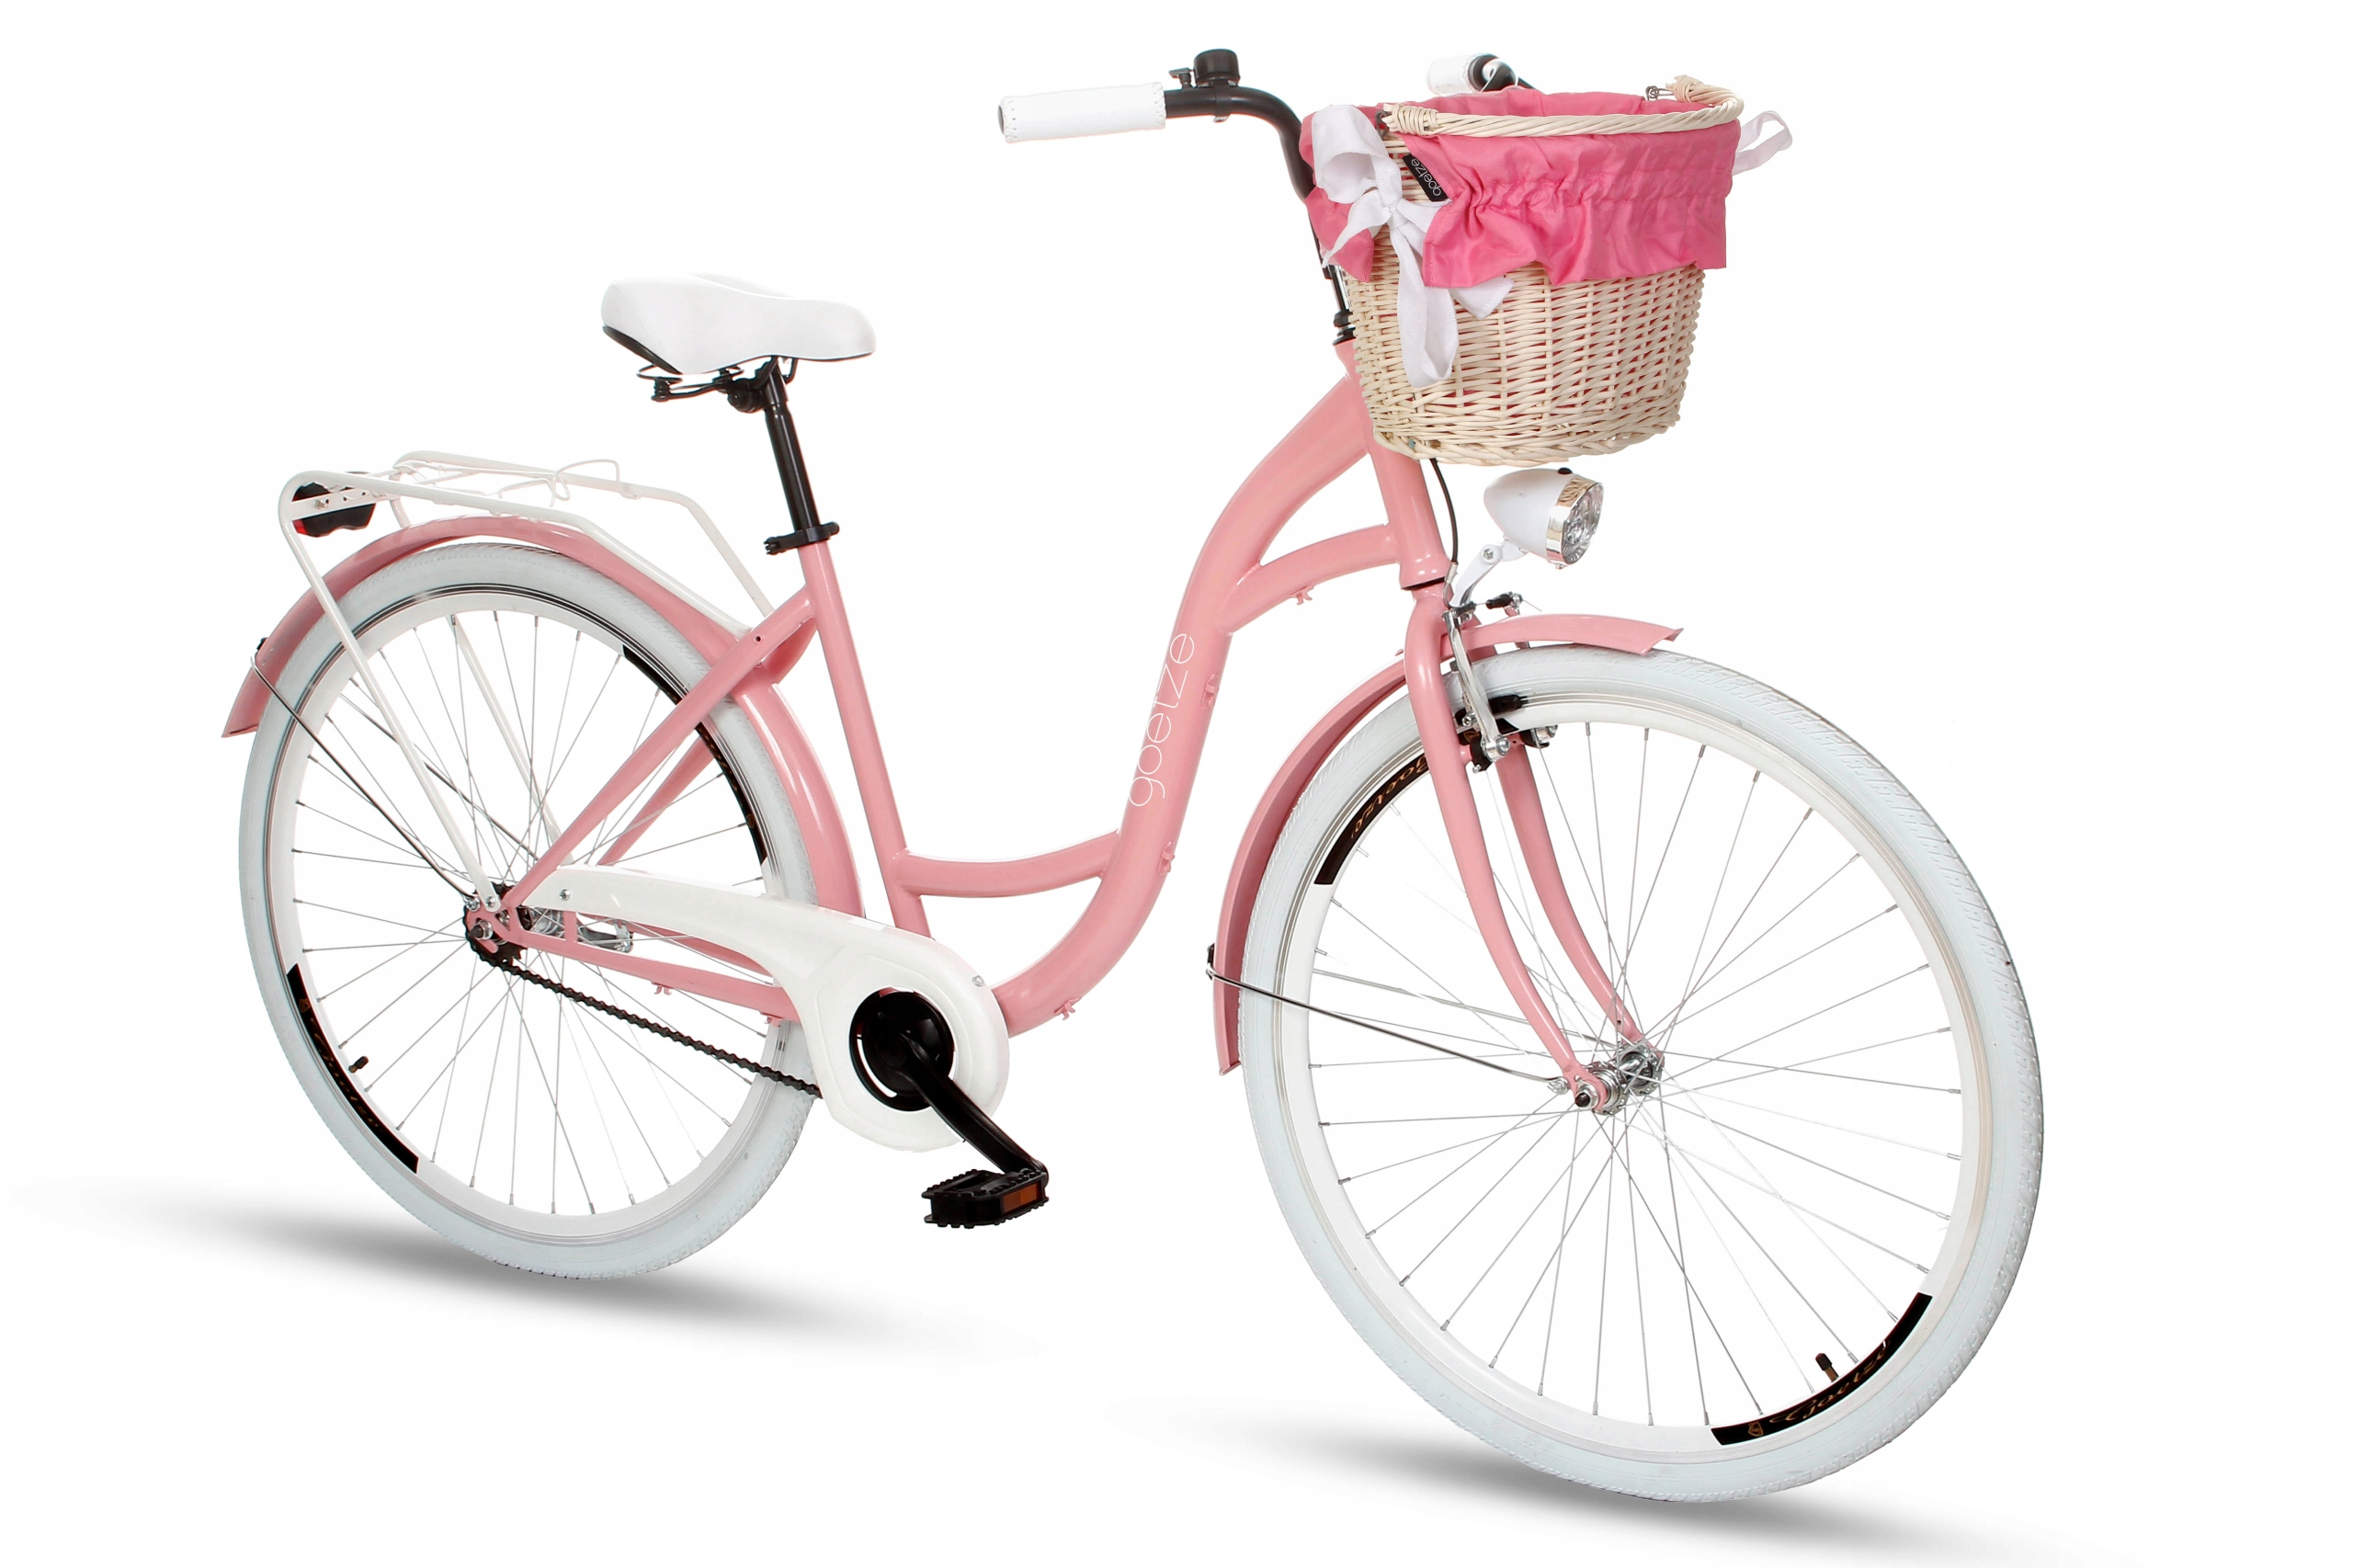 """Dámsky mestský bicykel Goetze Style 28 košík !!!  # 4 Veľkosť kolies ("""") 28"""